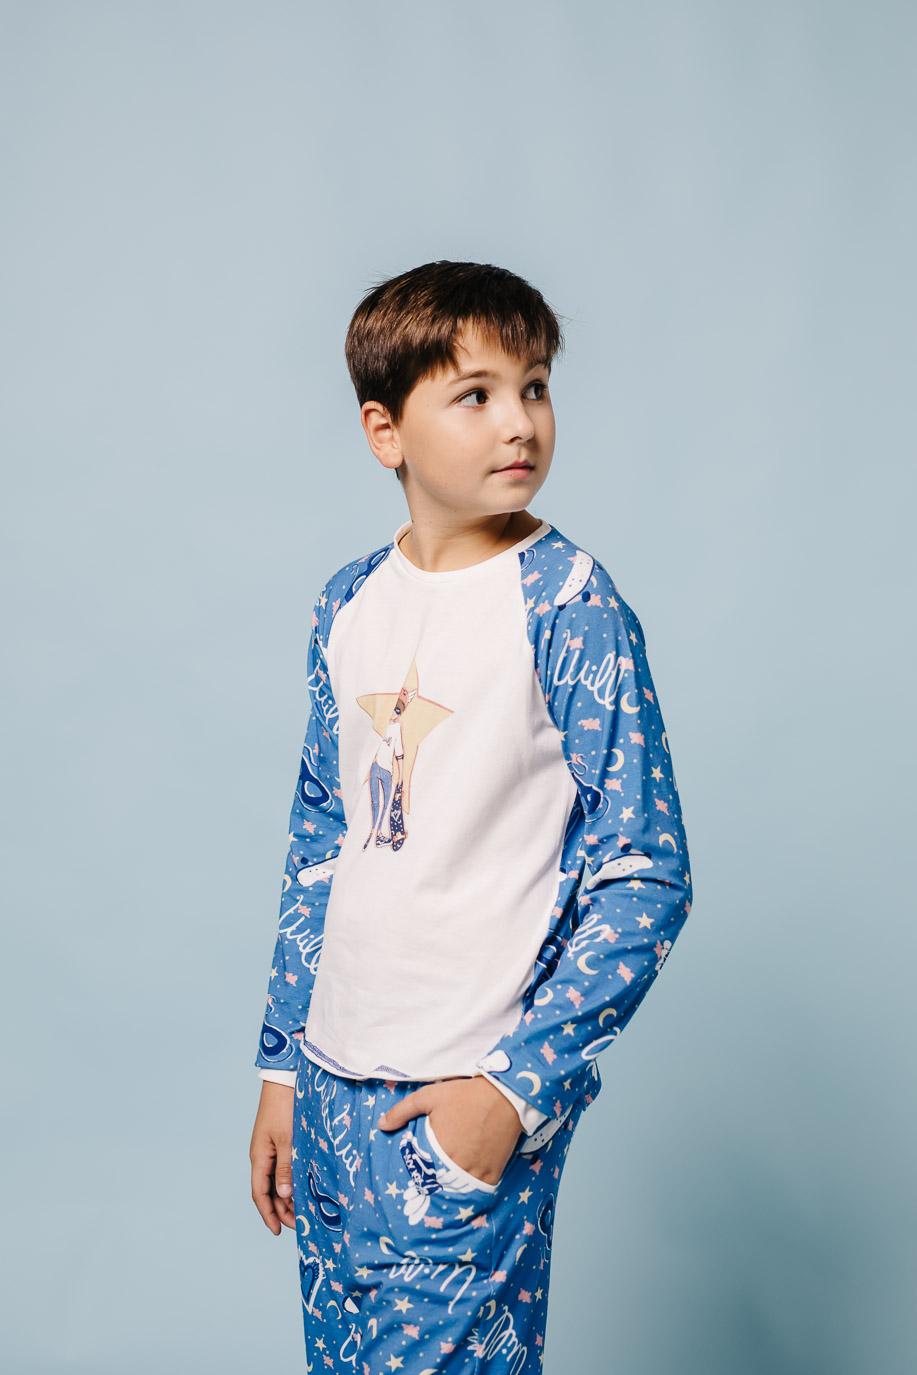 pijama suenya estels 0064 web Estels